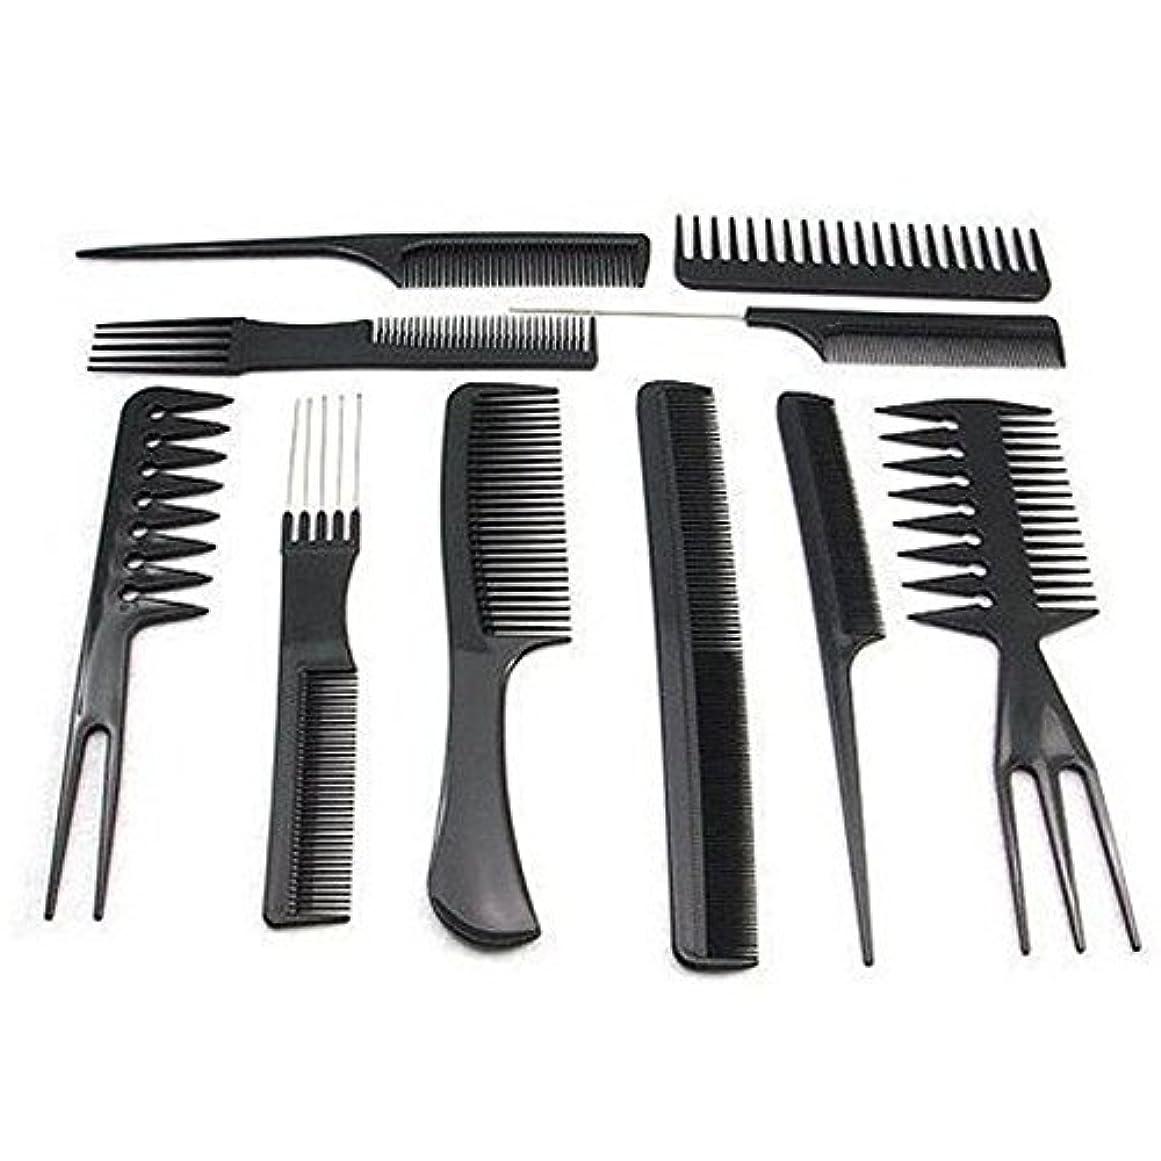 好奇心盛ゲーム爆弾Vi.yo ヘアブラシ ヘアコーム 髪櫛 プラスチック 理髪道具 美髪セット 10本セット ブラック